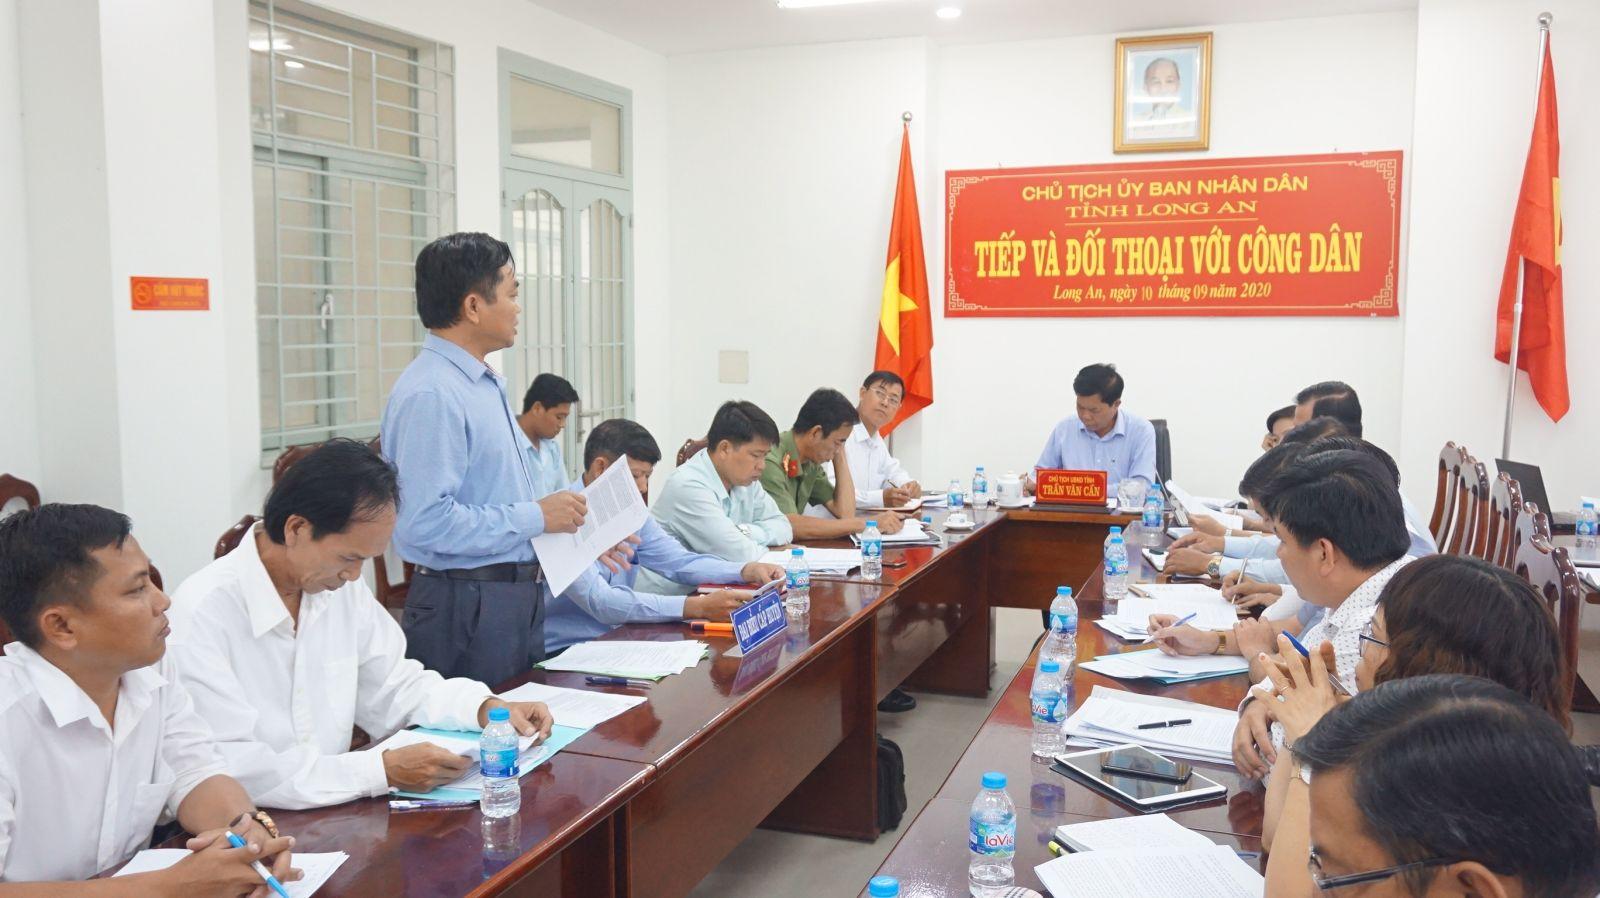 Chủ tịch UBND tỉnh - Trần Văn Cần trong buổi tiếp, đối thoại công dân